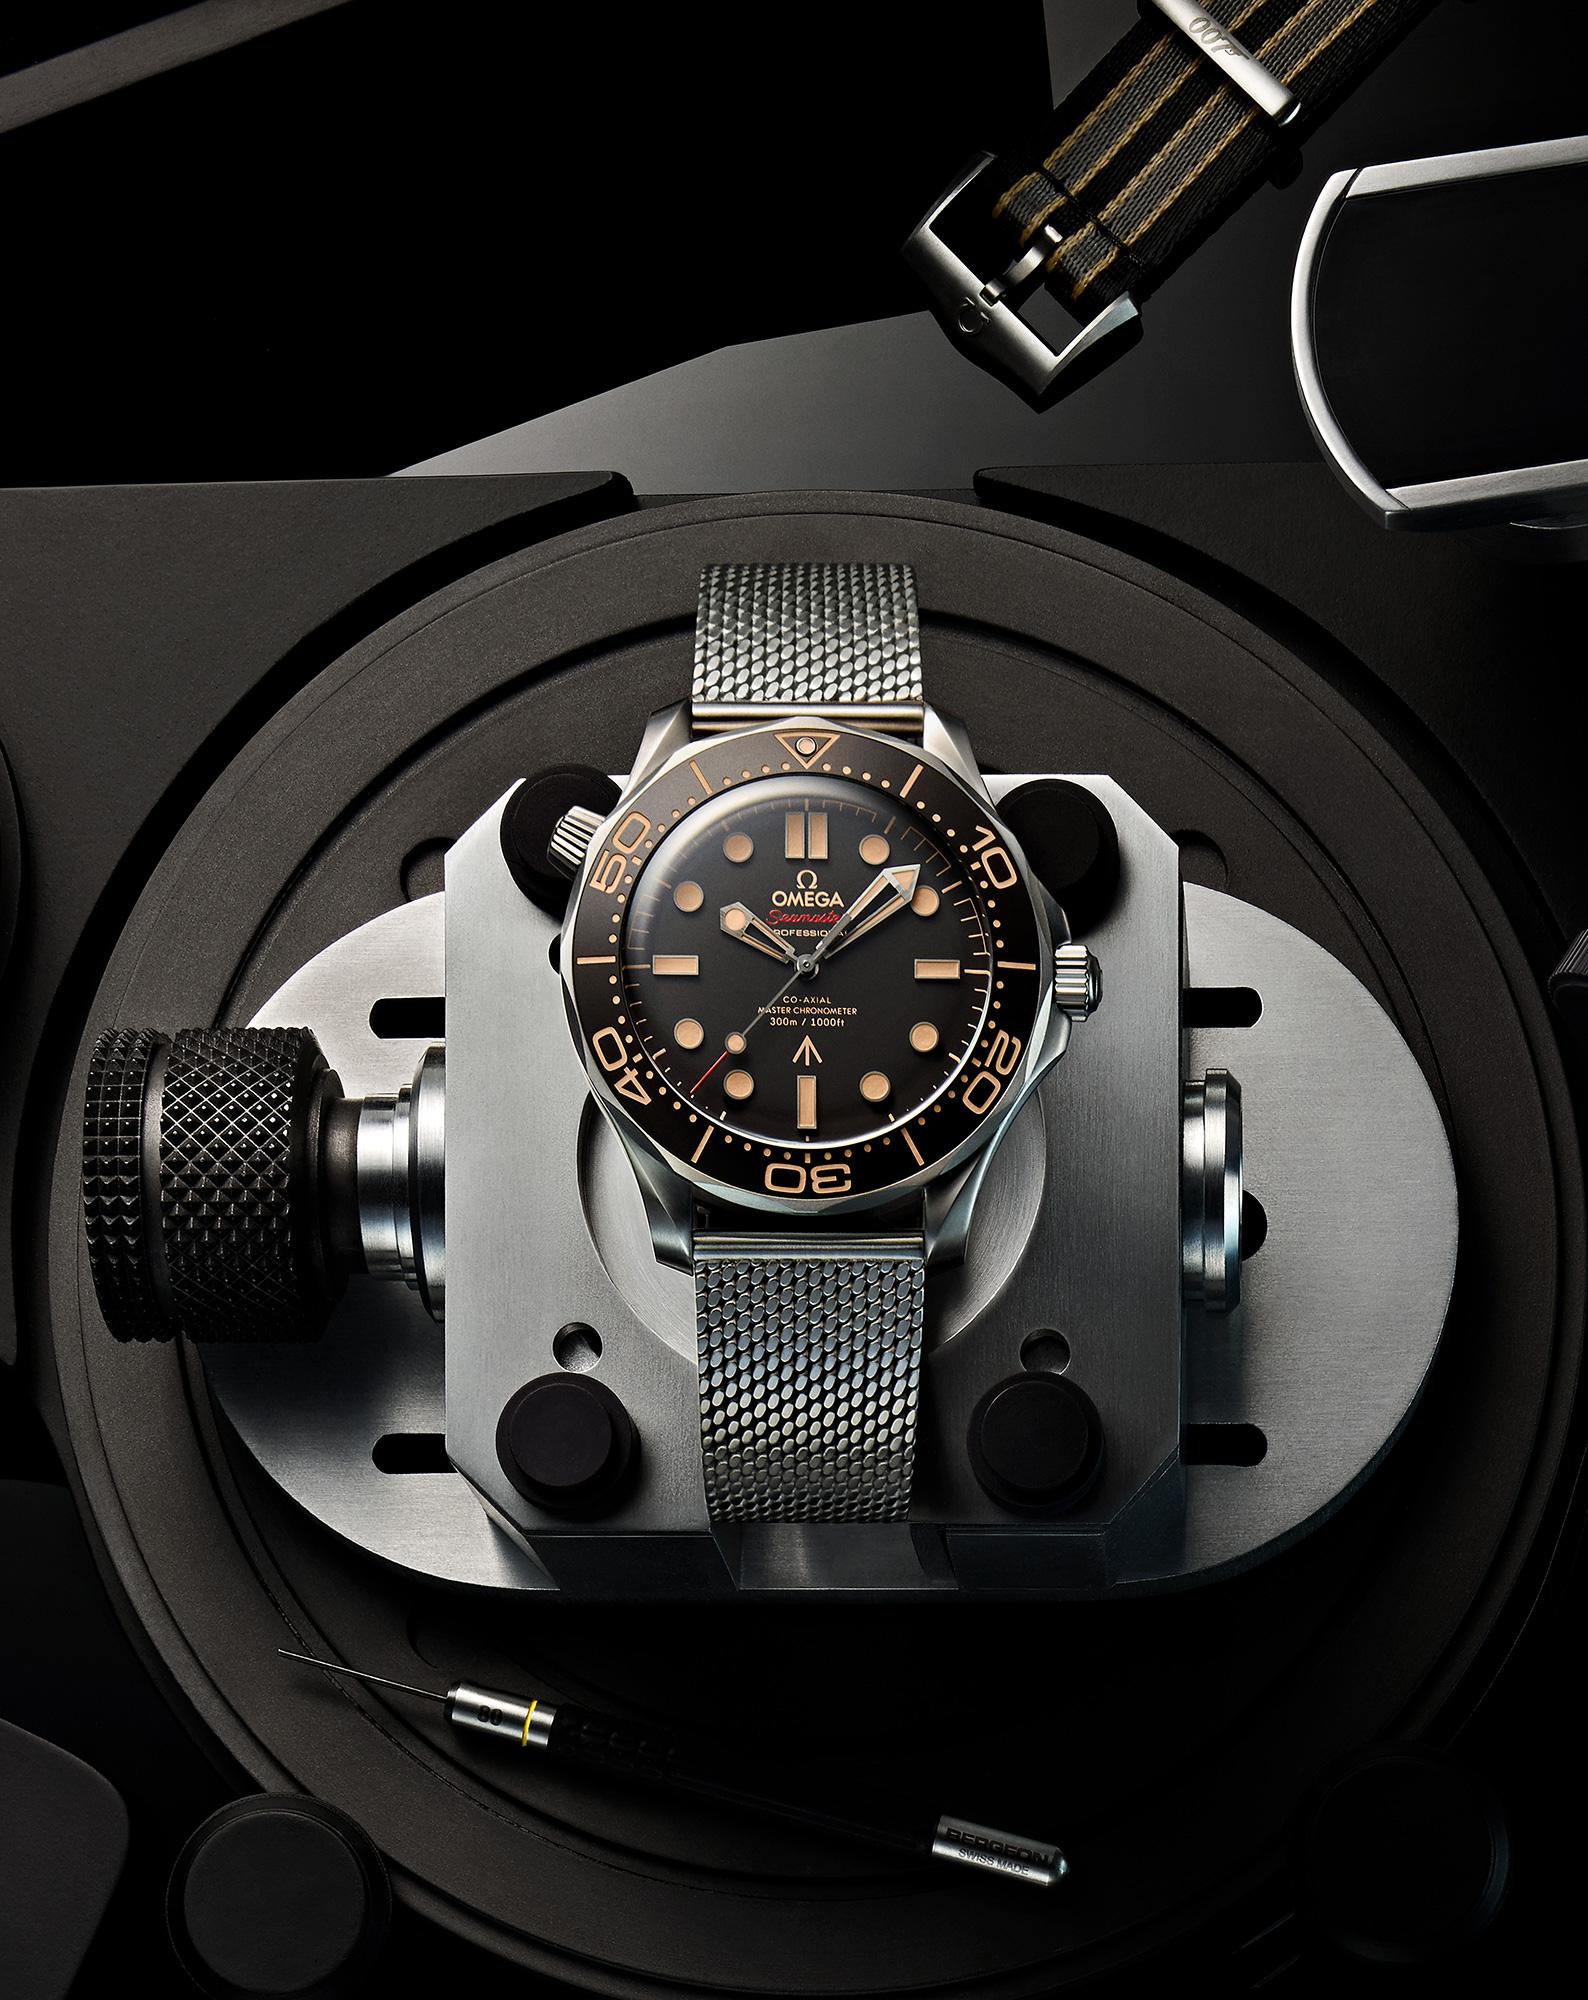 Omega svela il nuovo orologio Seamaster Diver 300M dedicato